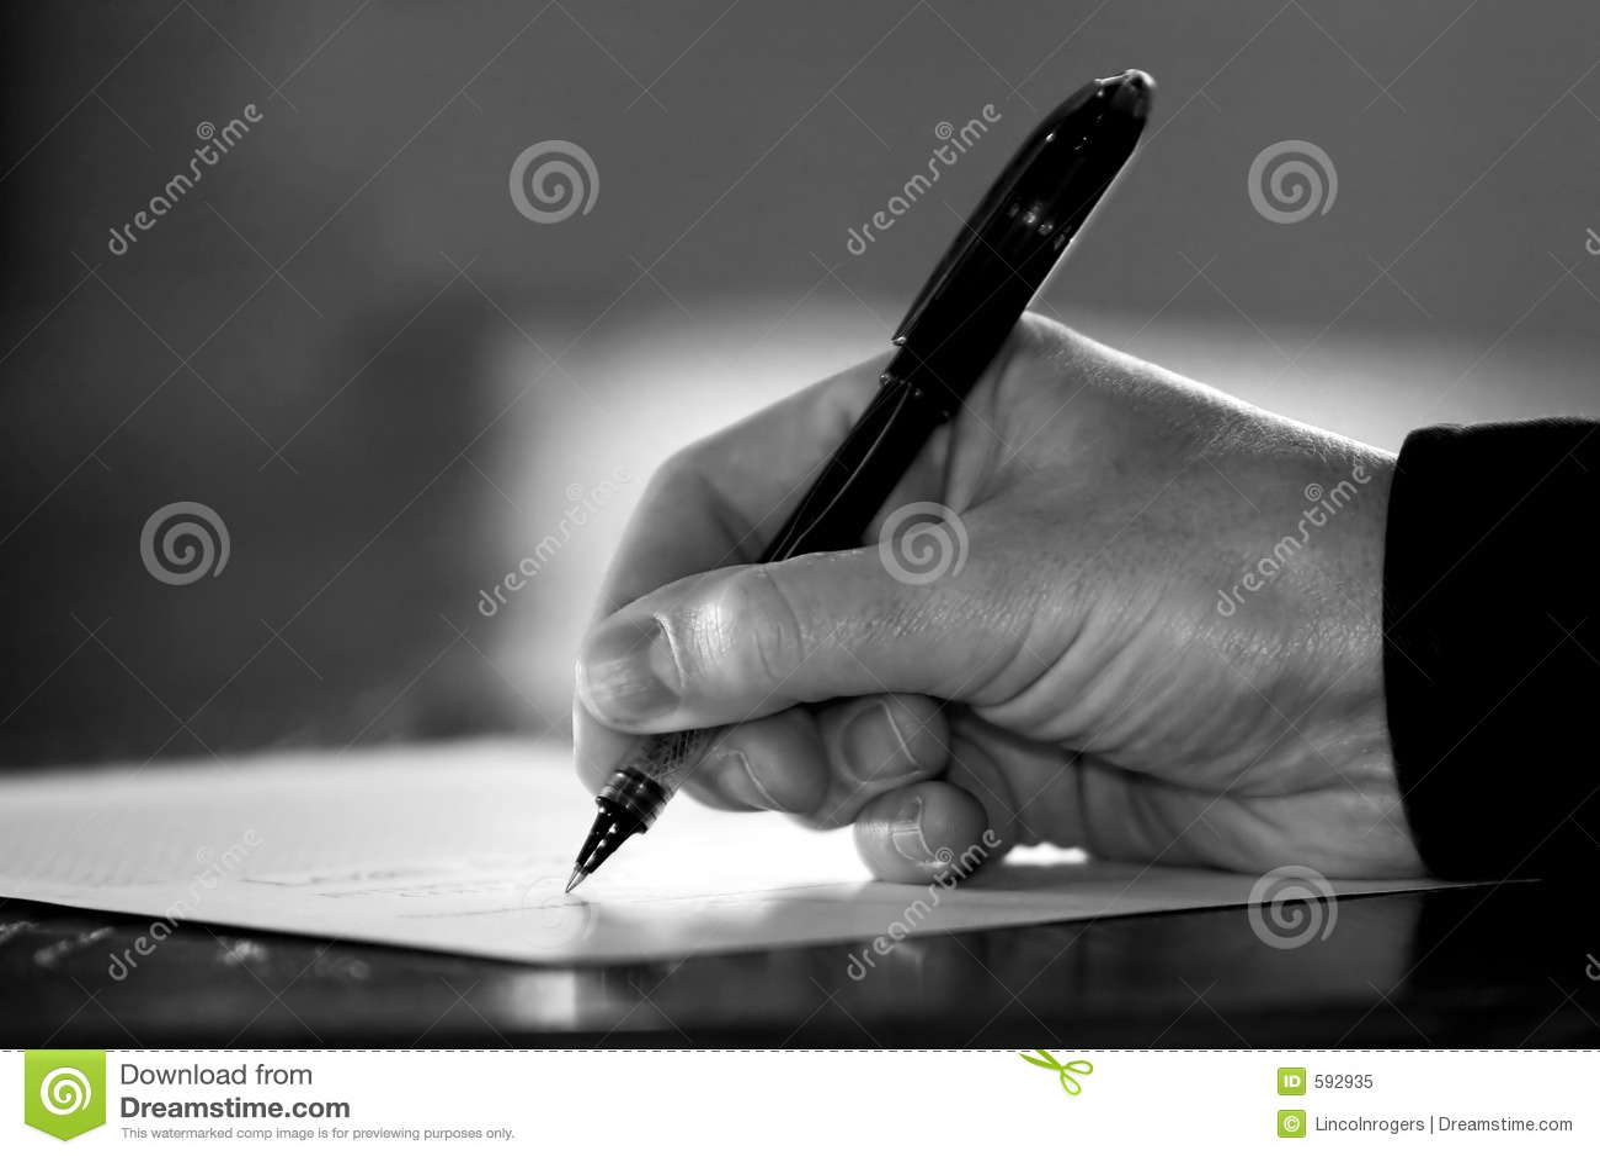 Papeleo Contrato De Firma De La Mano Negro Y Blanco Imagen De